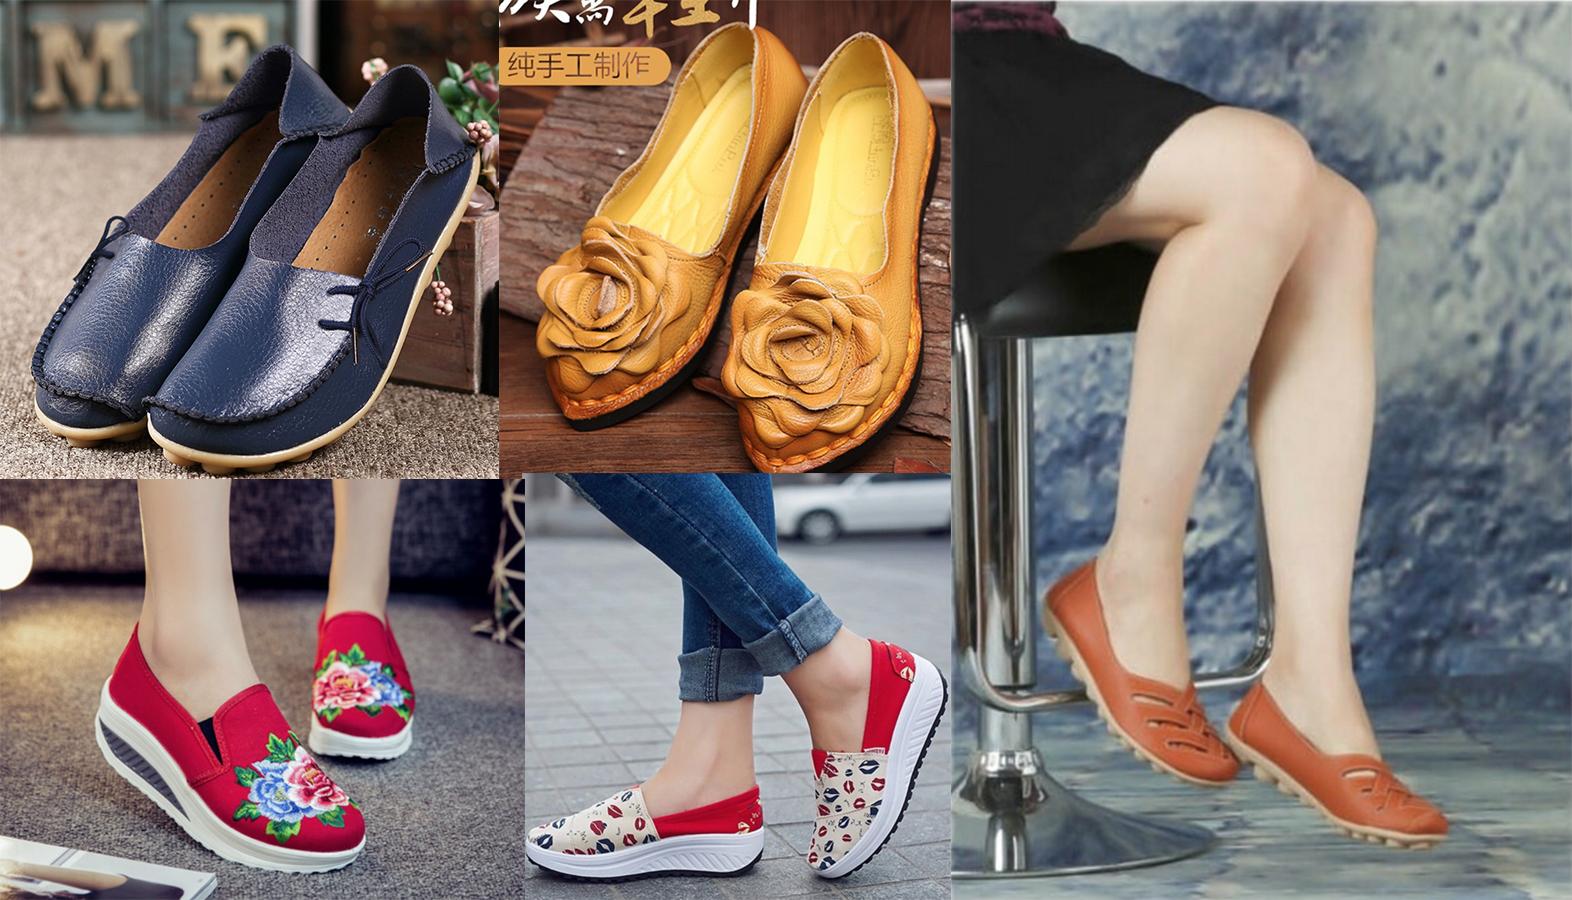 Оптимальные варианты обуви